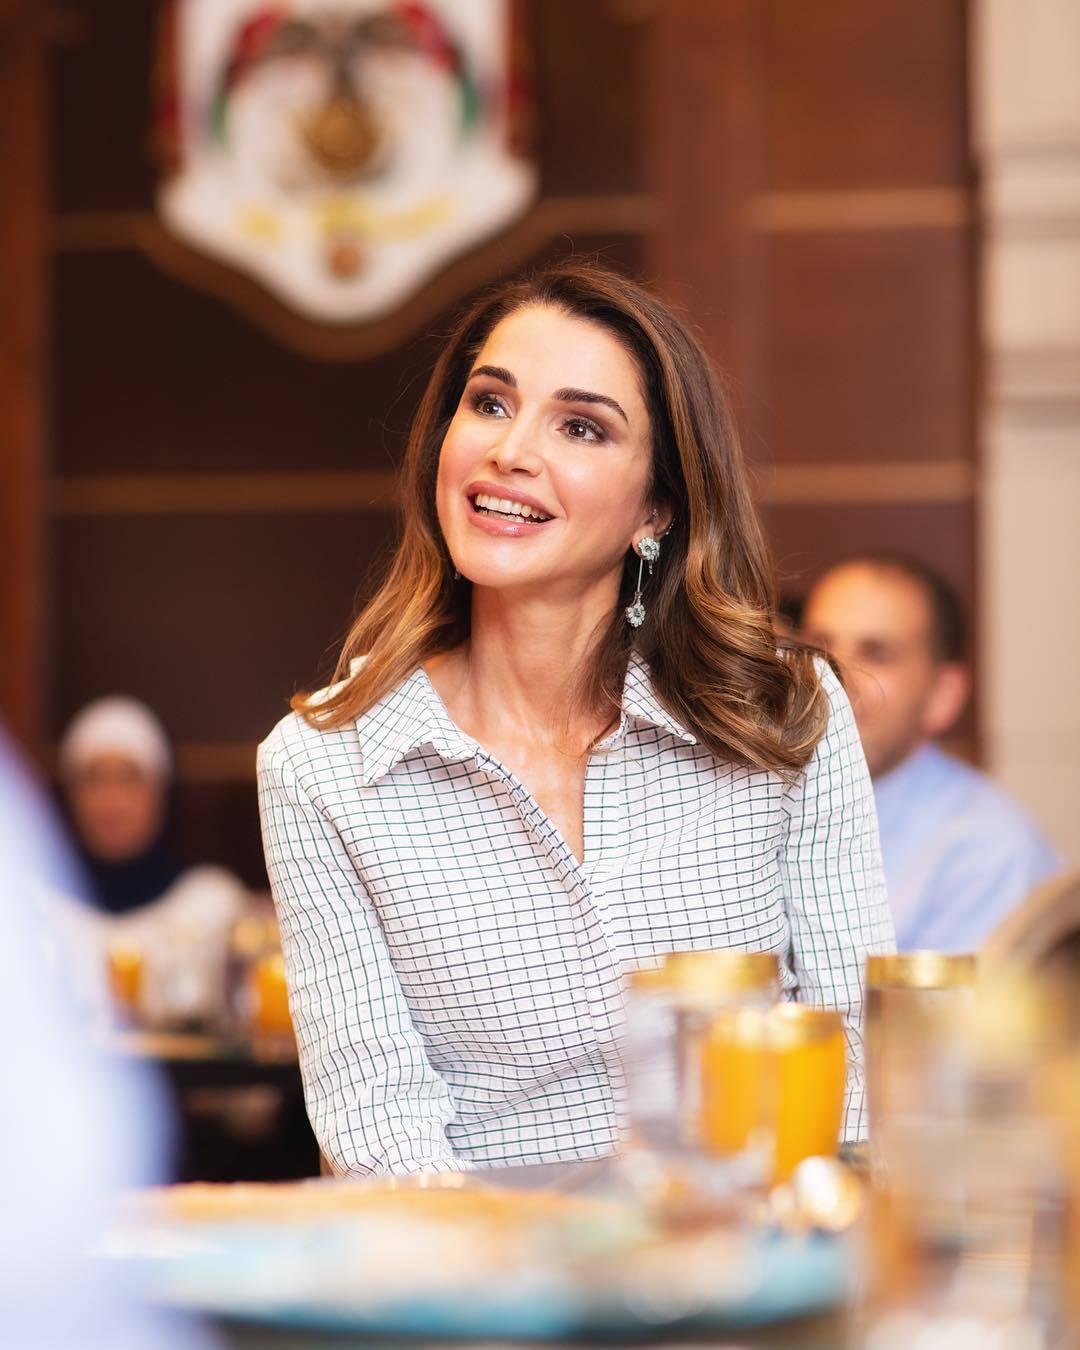 Chế độ ăn giúp Hoàng hậu Raina giữ sắc vóc tươi trẻ ở tuổi 48